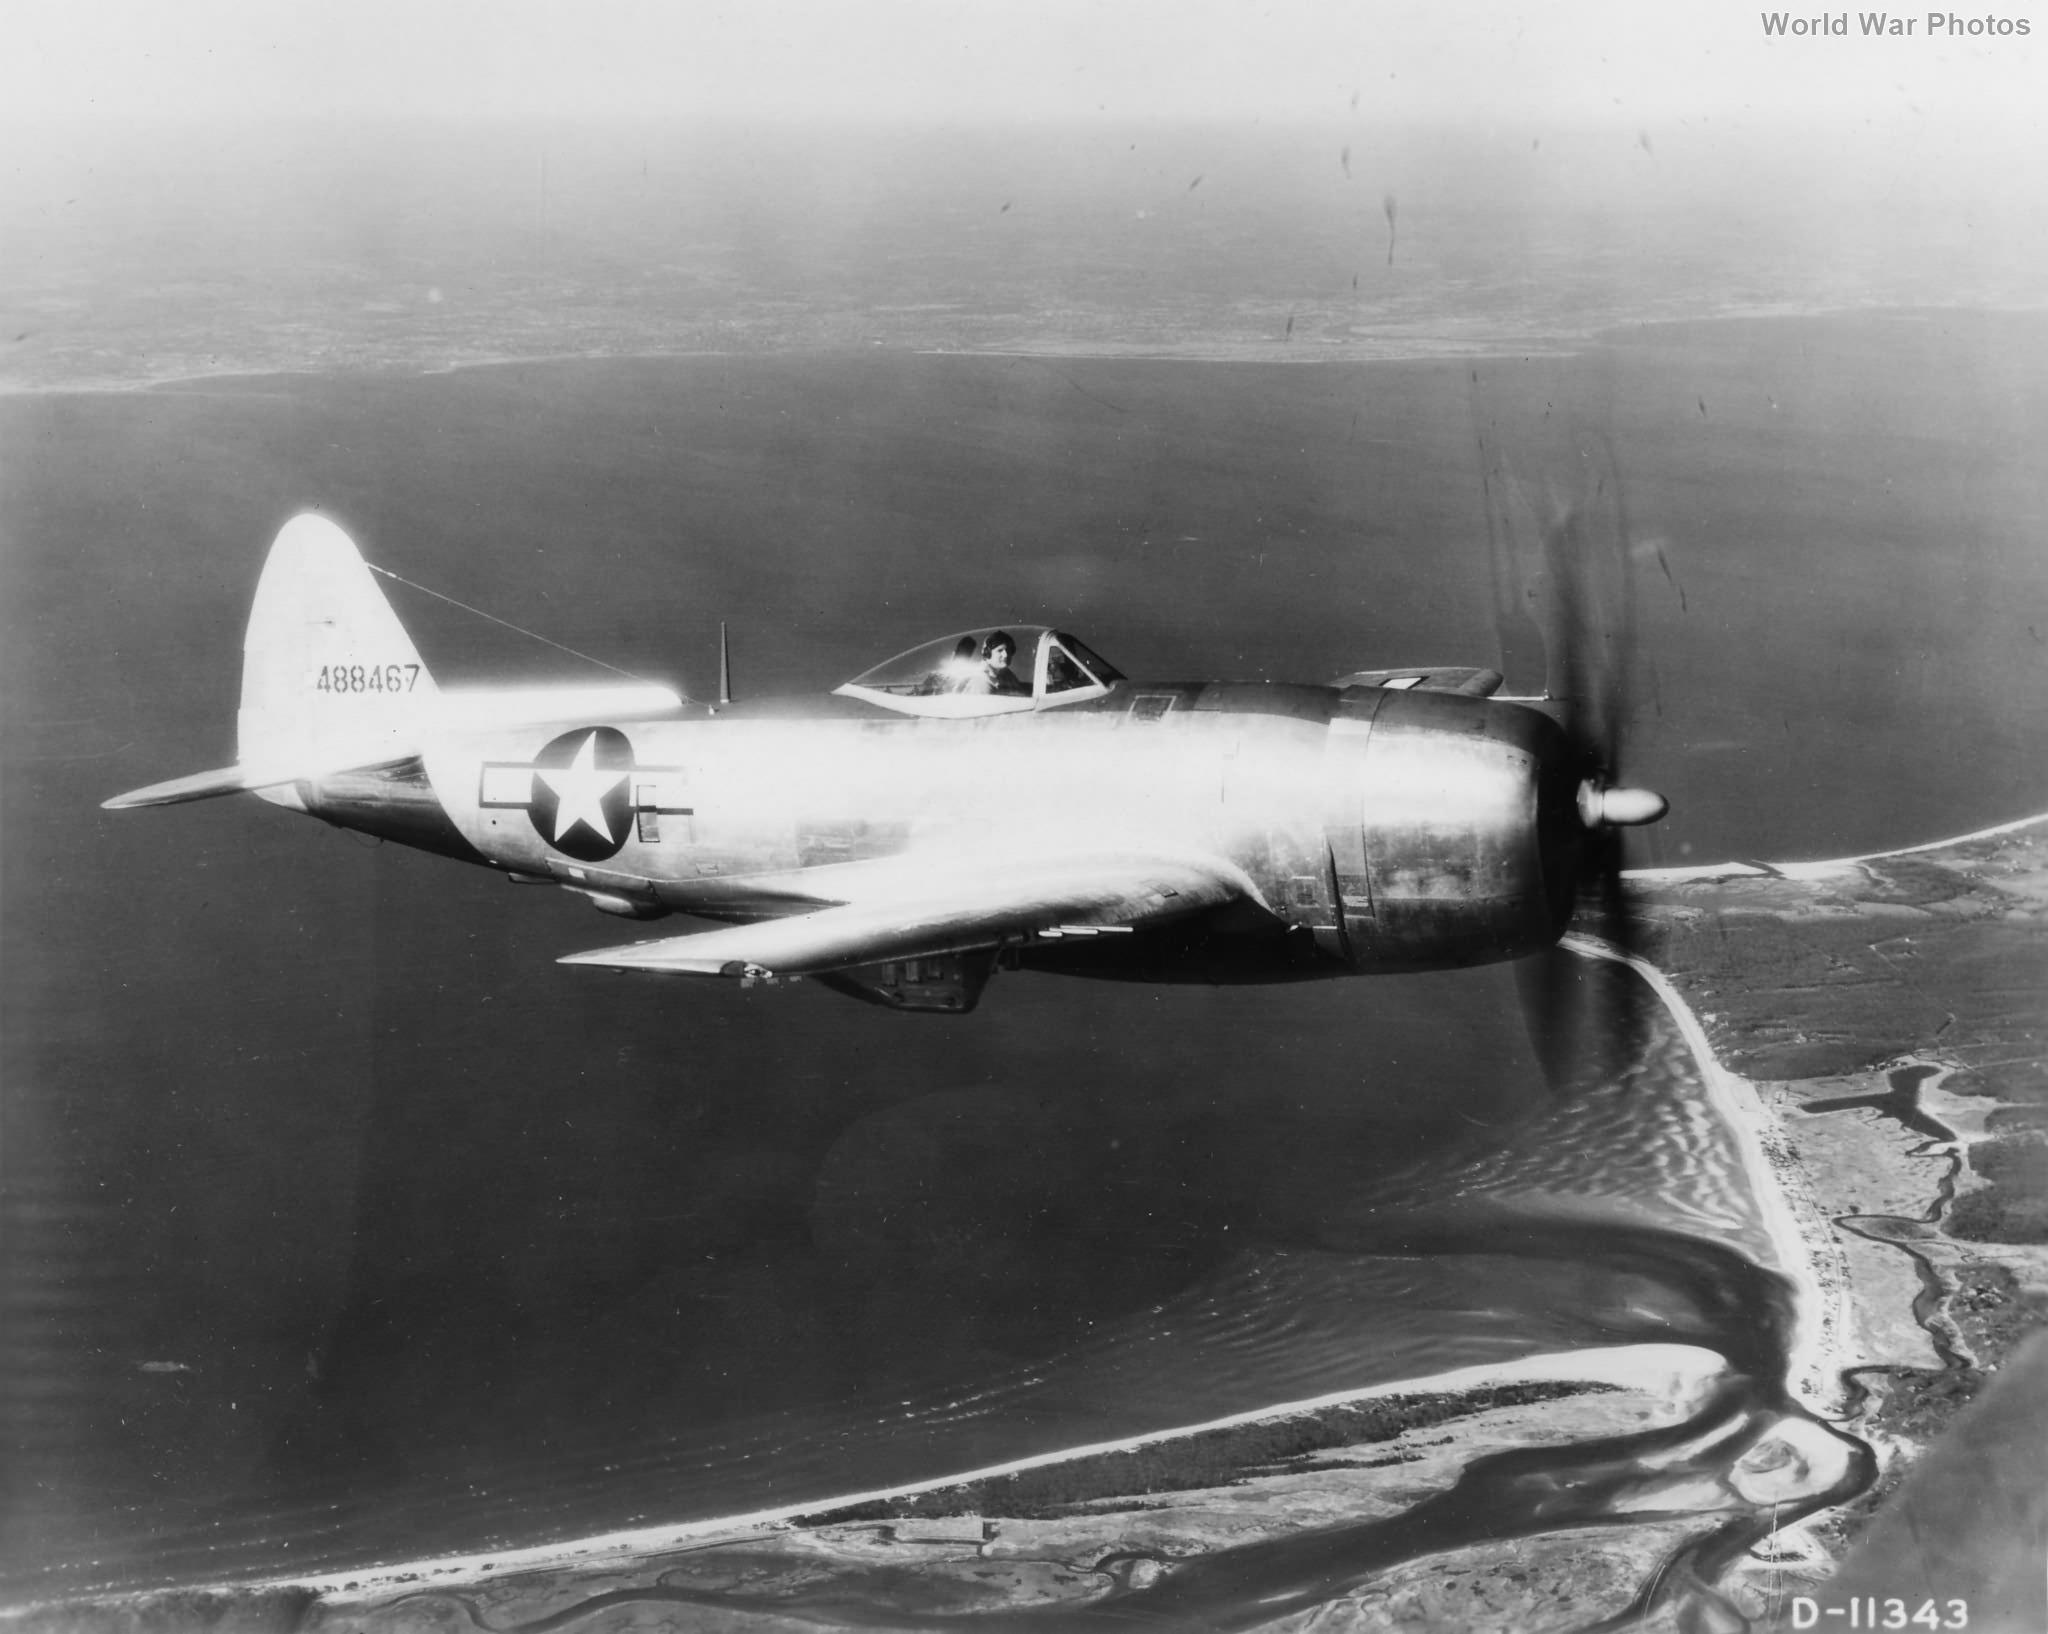 P-47N 44-88467